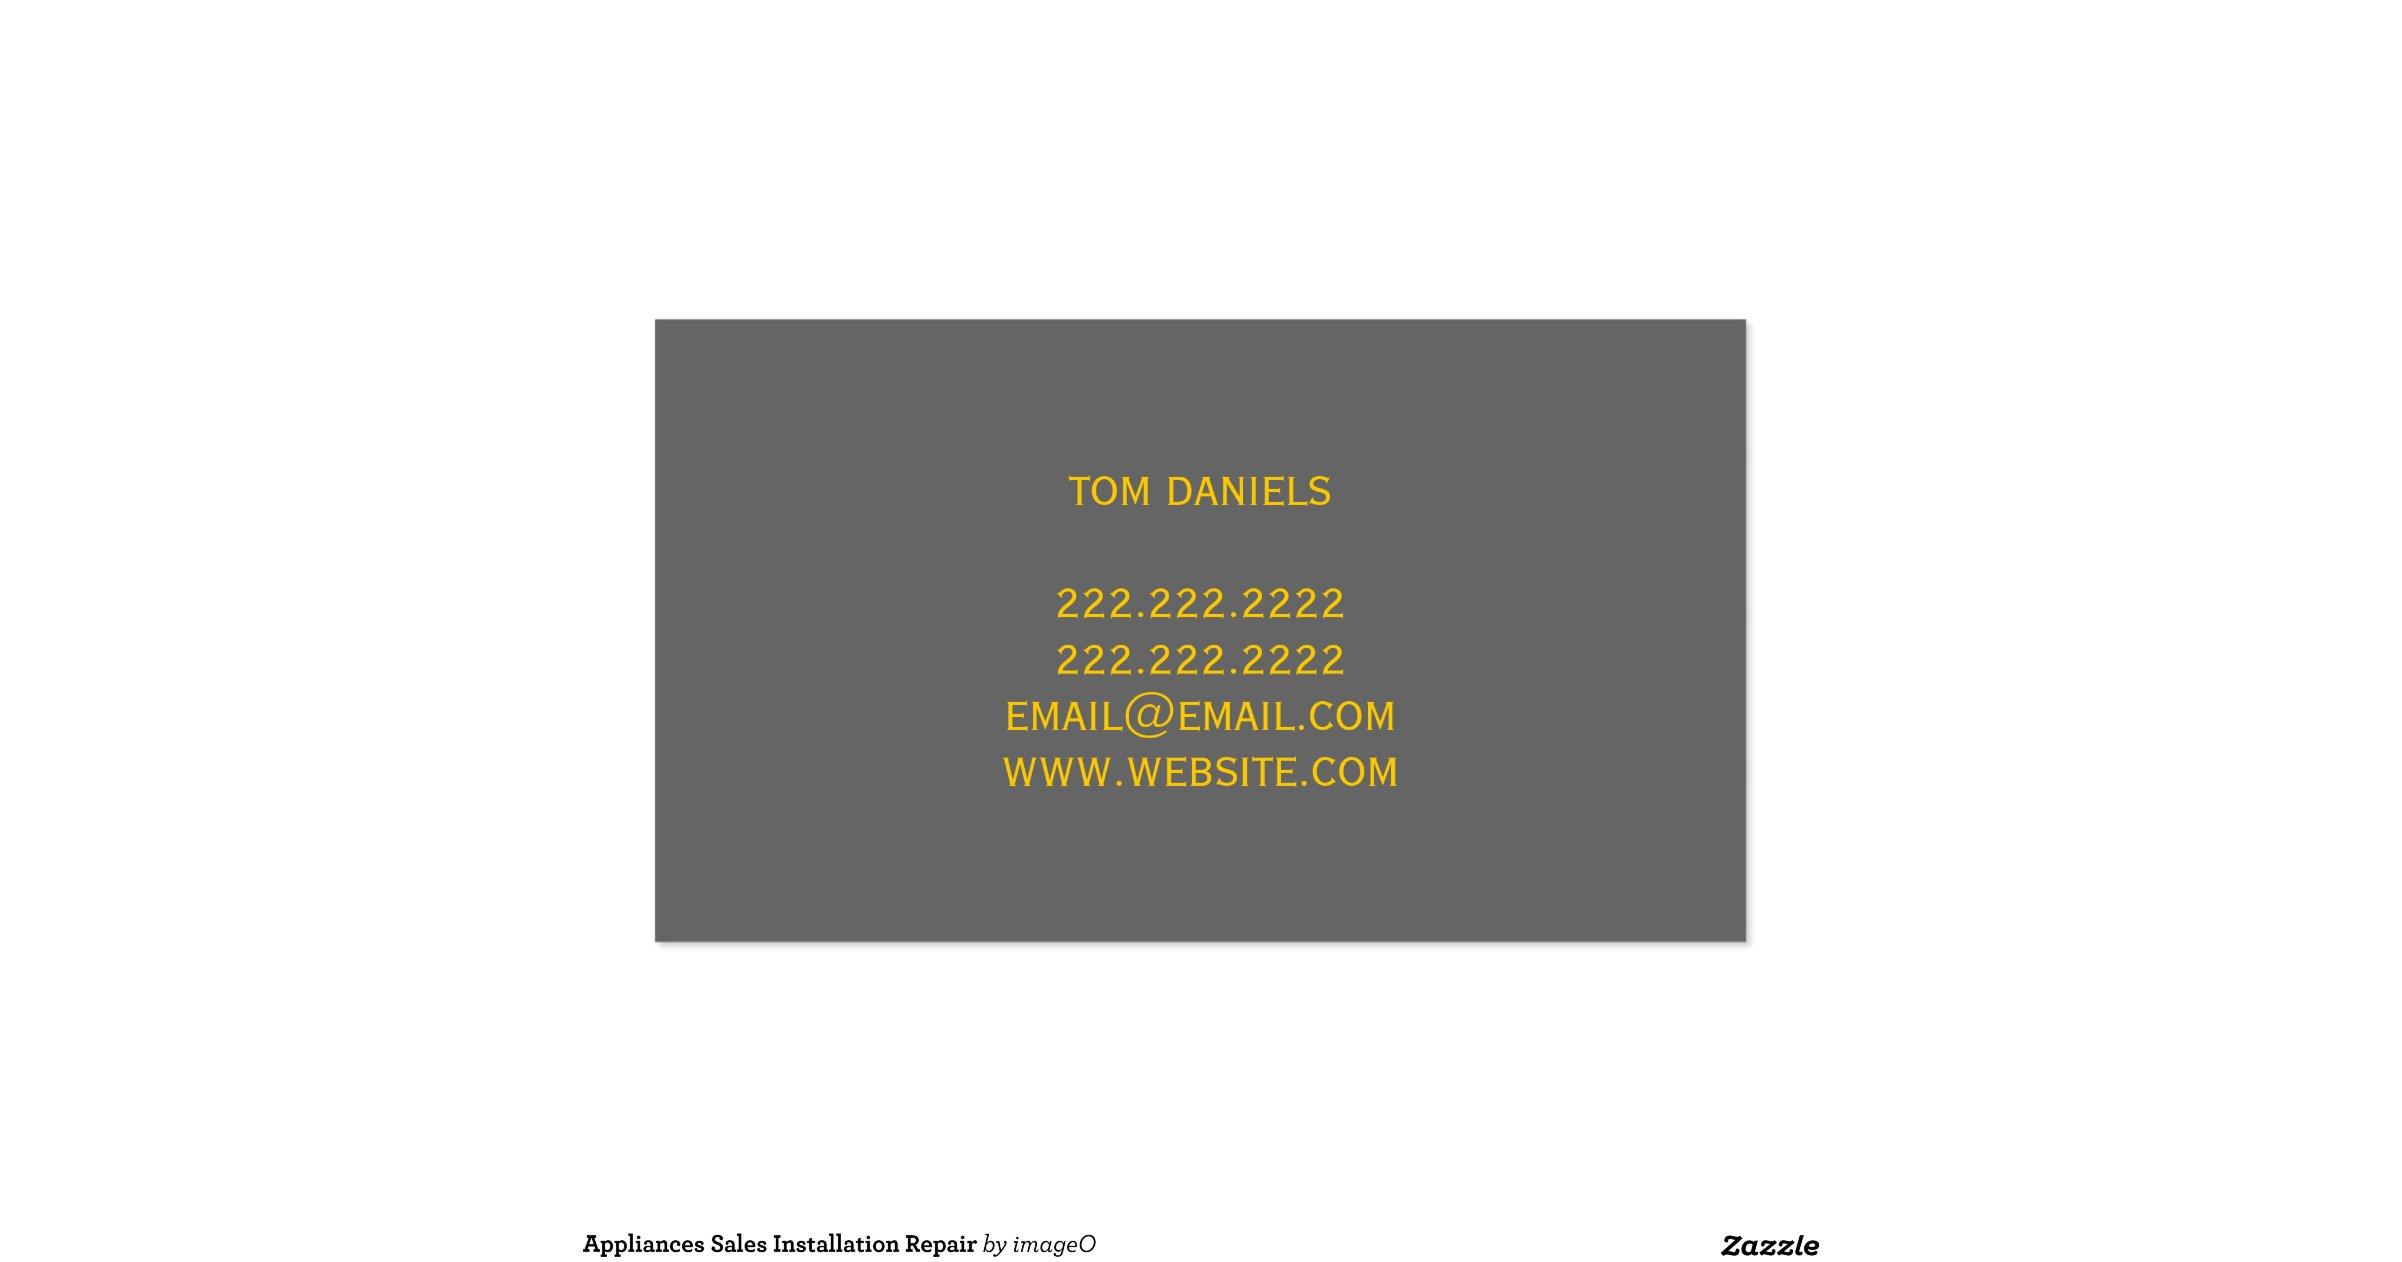 sle business cards caroleandellie